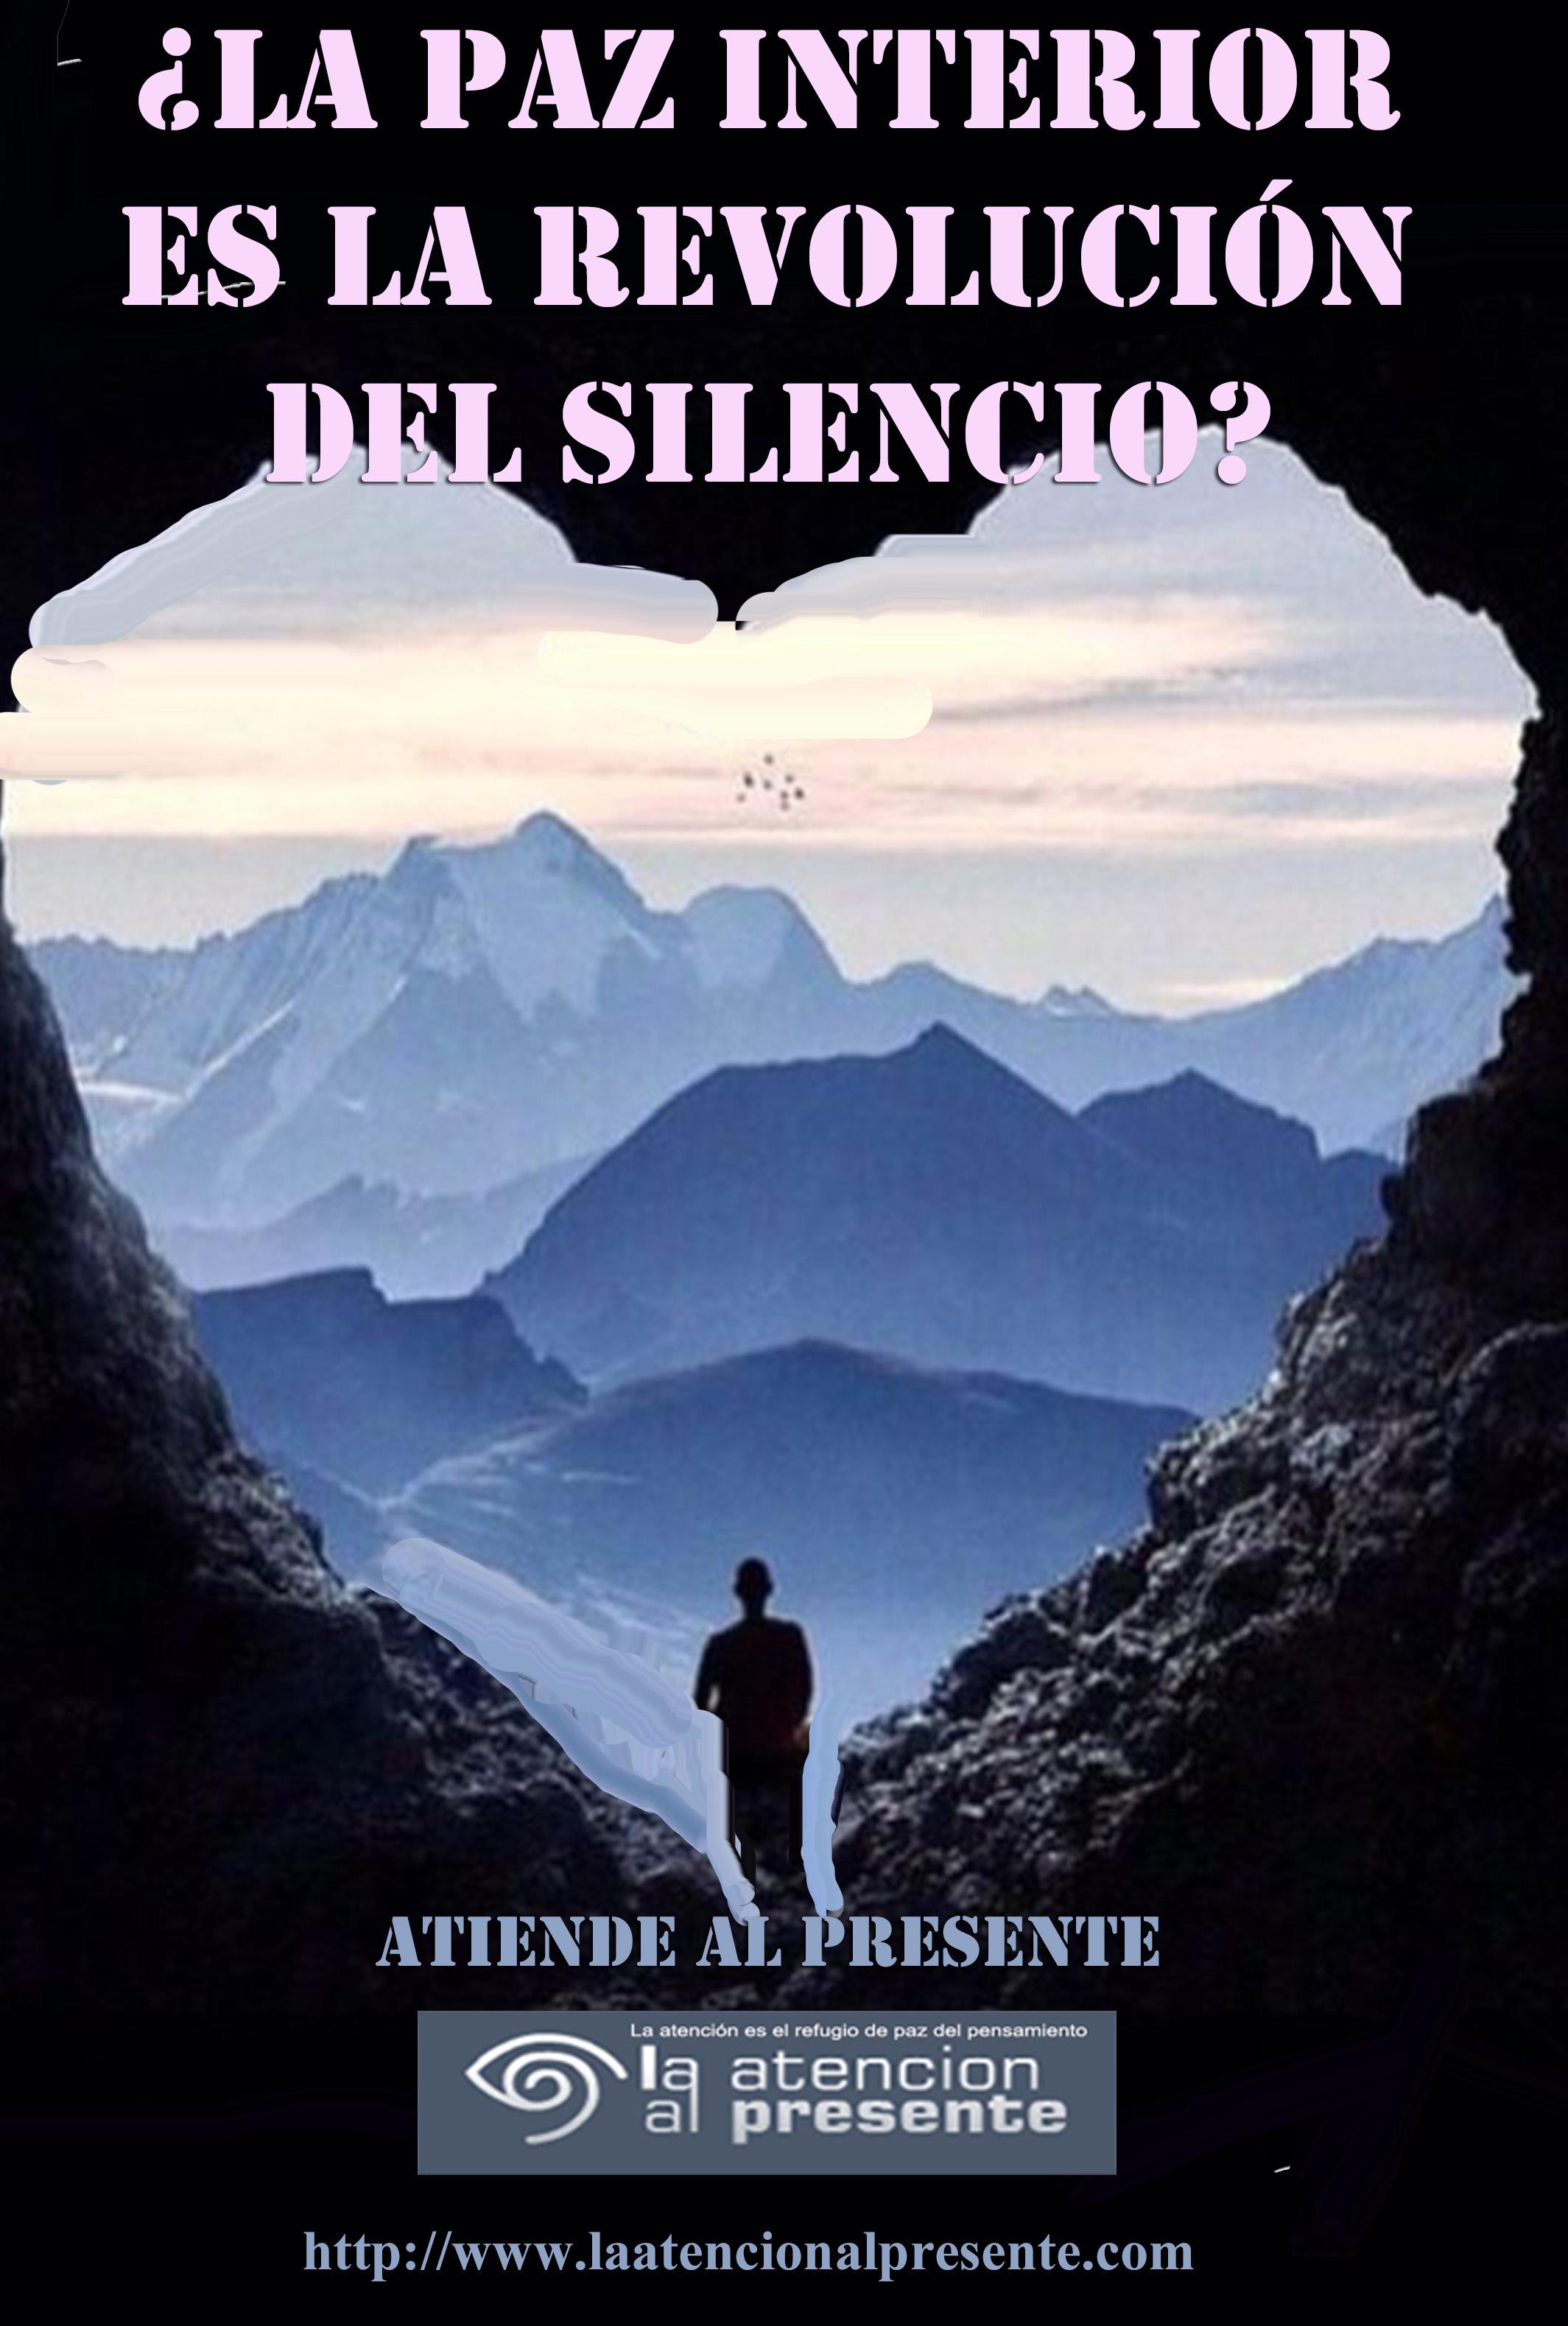 5 de diciembre Esteban La PAZ INTERIOR es la REVOLUCIÓN del SILENCIO